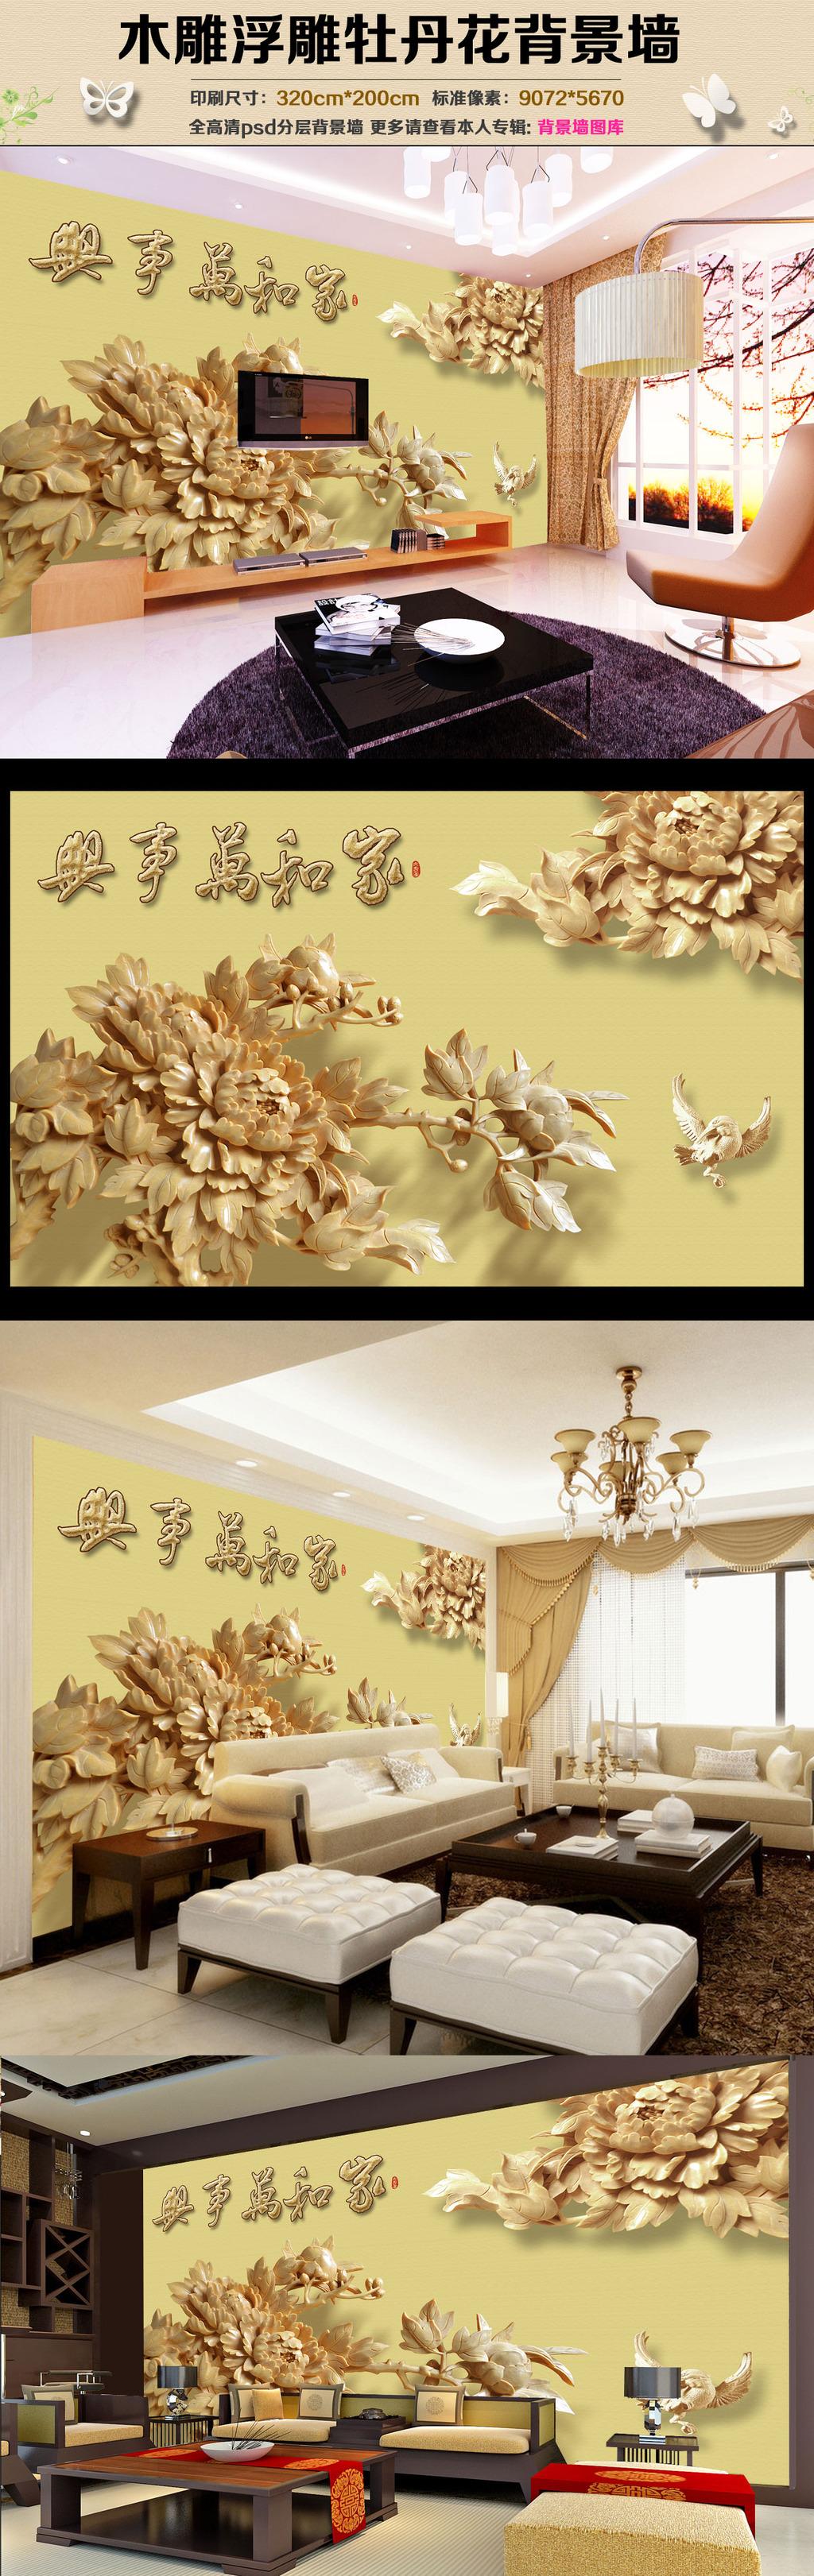 家和万事兴木雕牡丹花中式背景墙装饰画